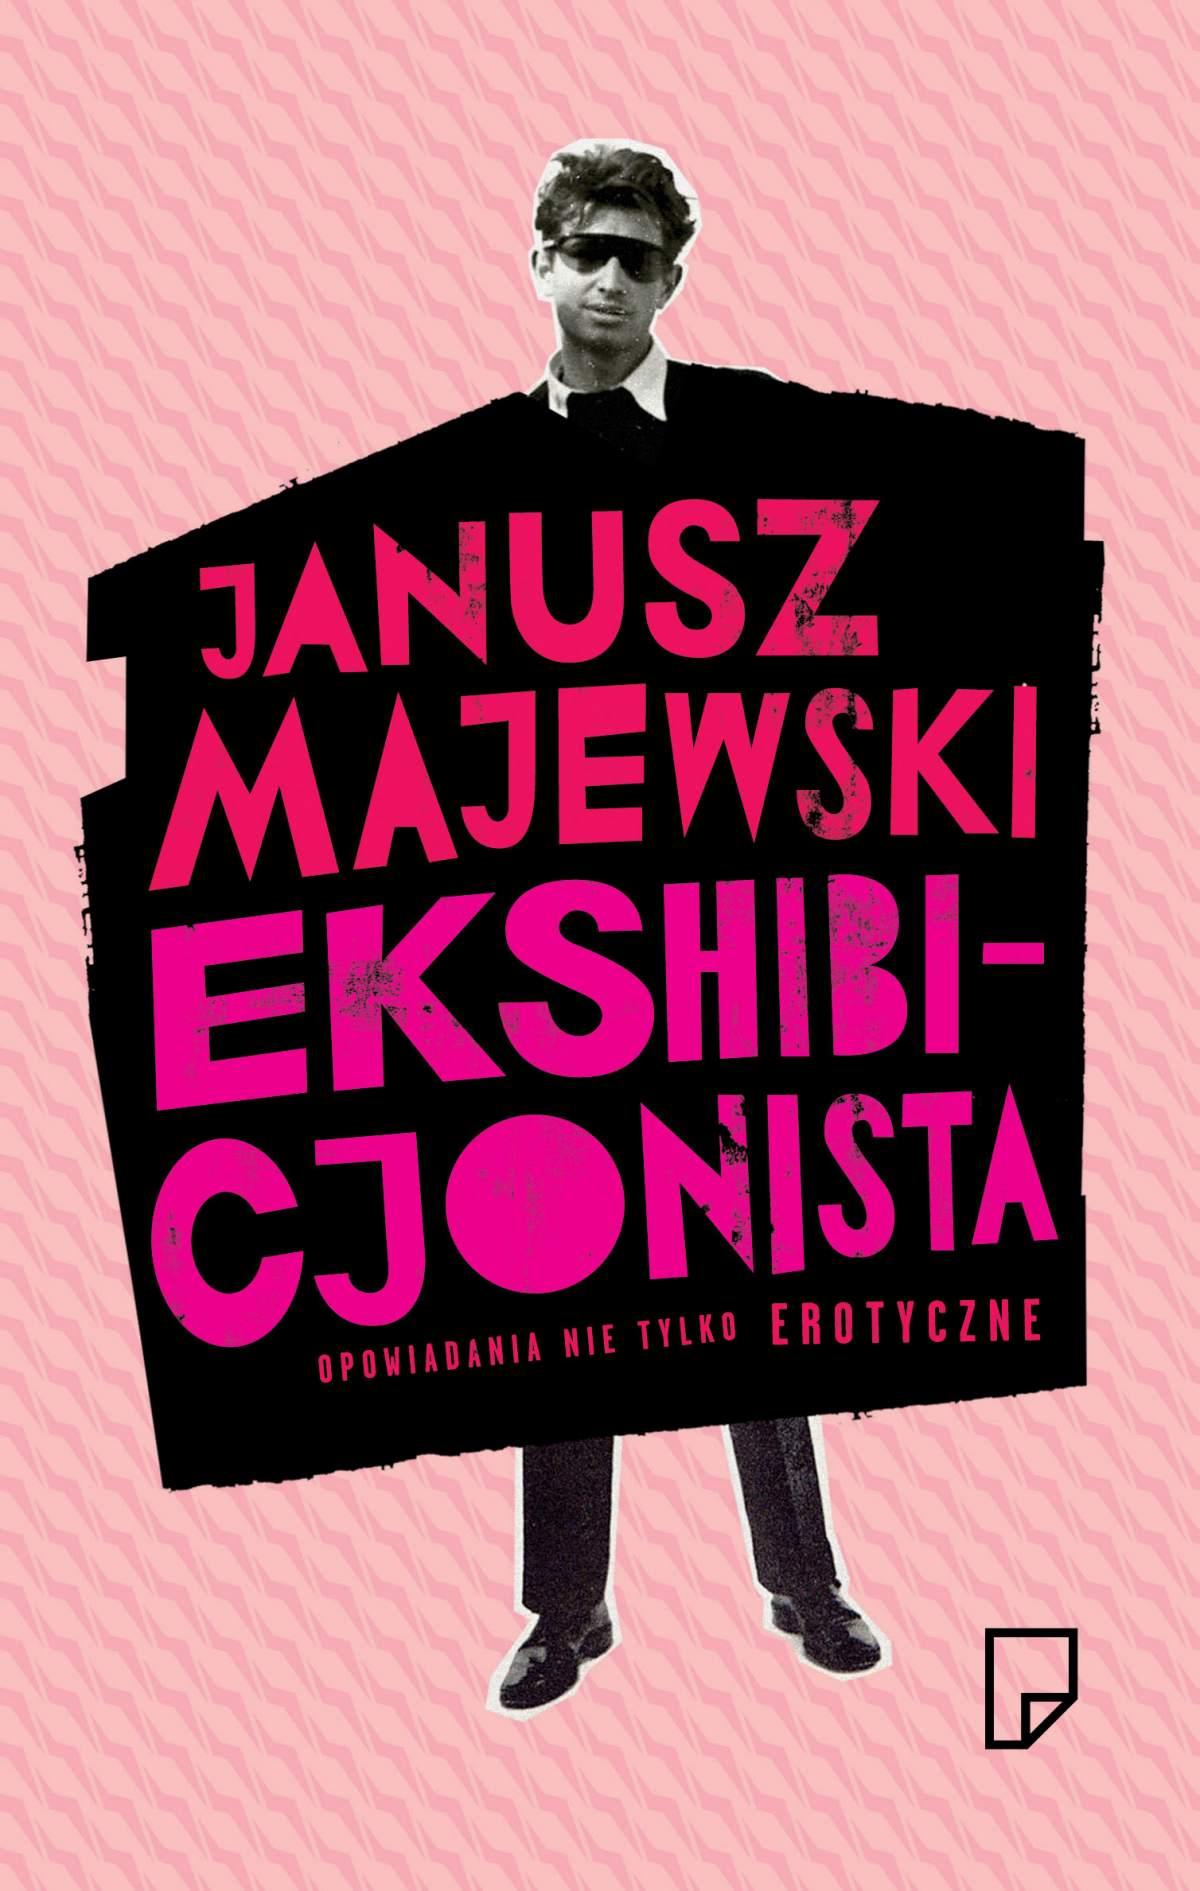 Ekshibicjonista - Ebook (Książka na Kindle) do pobrania w formacie MOBI